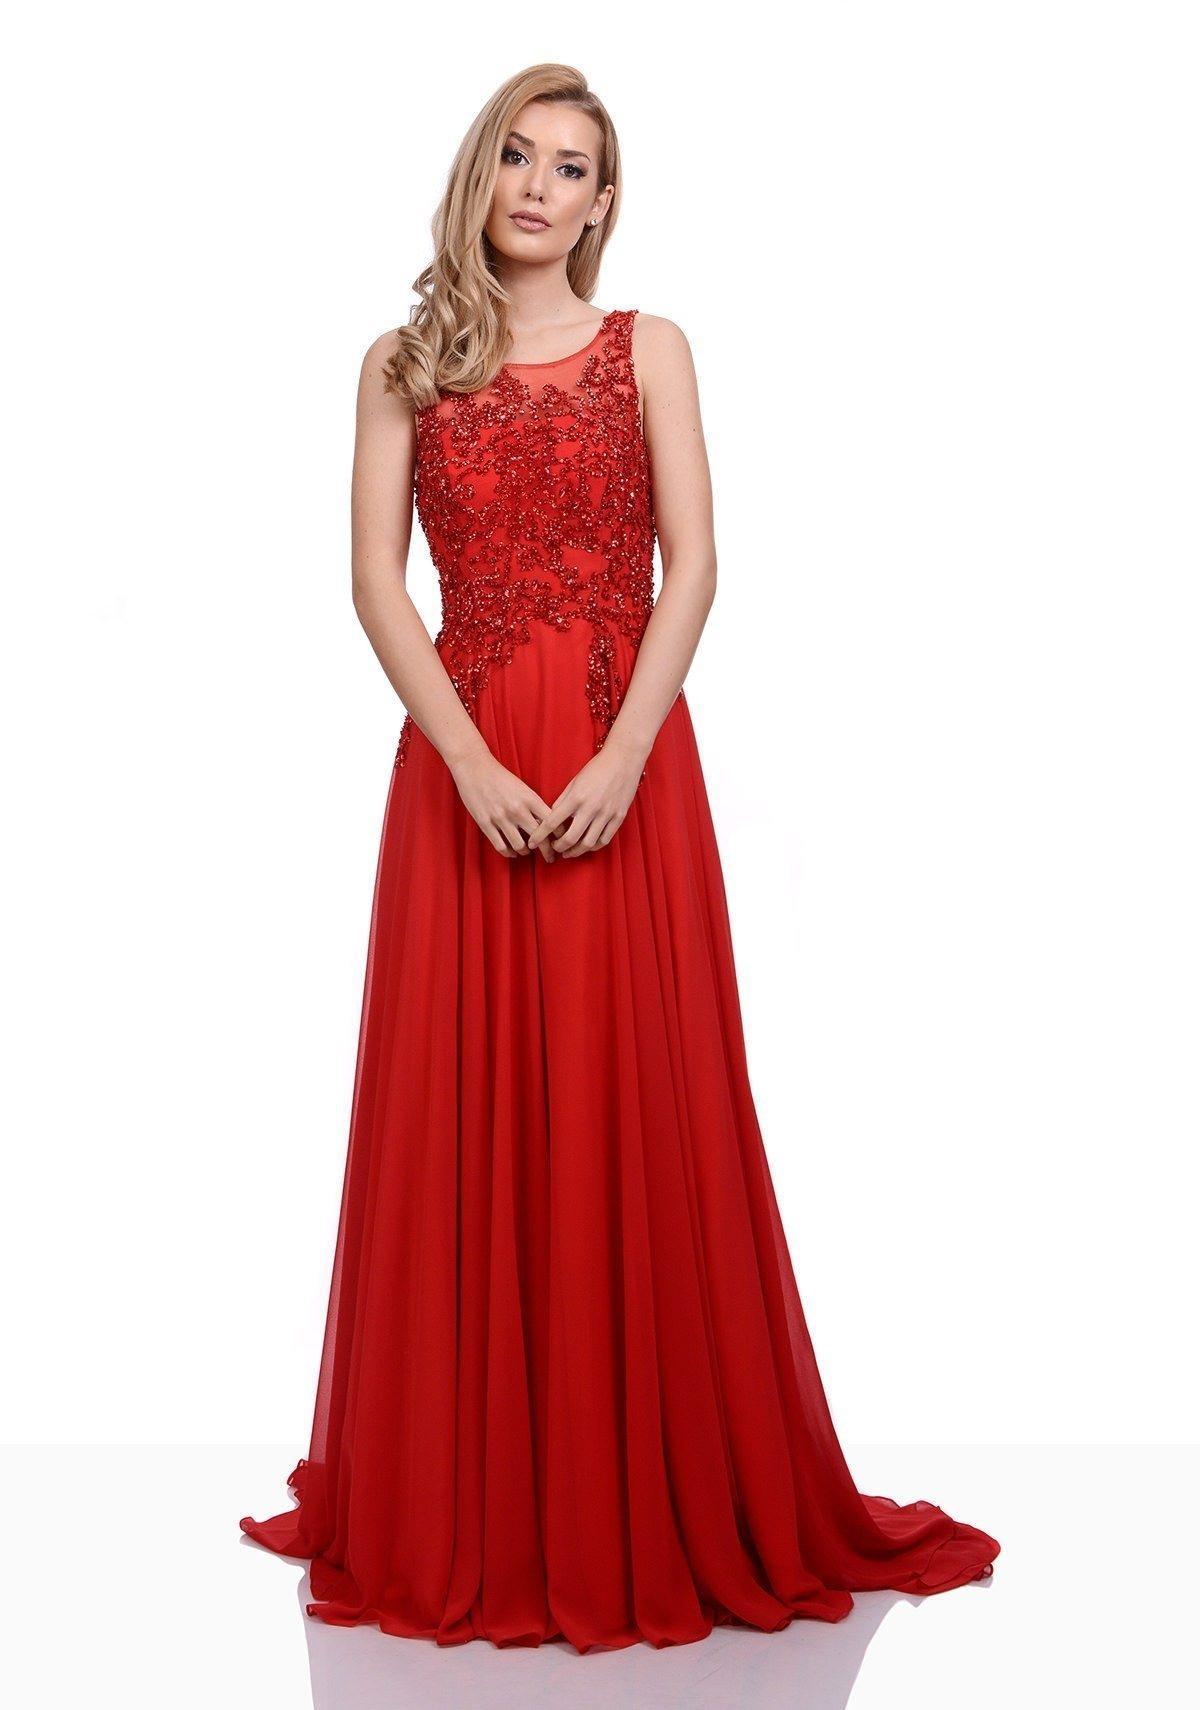 10 Spektakulär Abiball Kleid Bester Preis13 Ausgezeichnet Abiball Kleid Ärmel